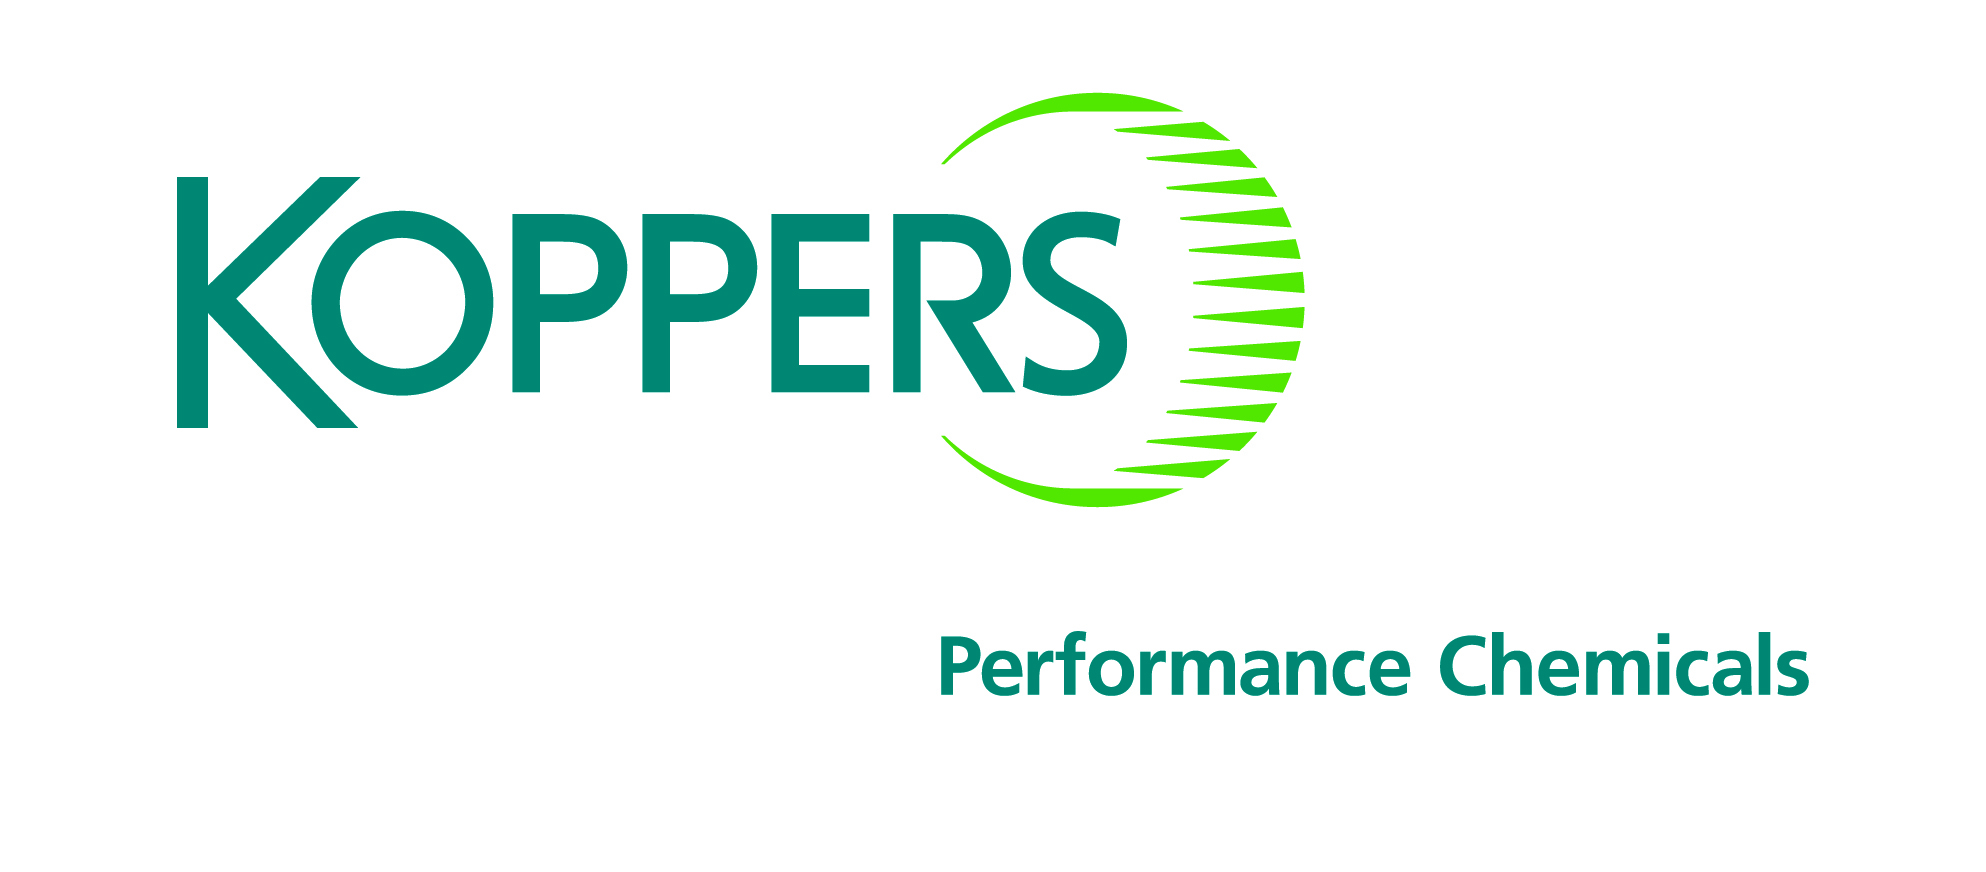 Koppers_PC_logo_Full Colour_1MB_JPEG.jpg